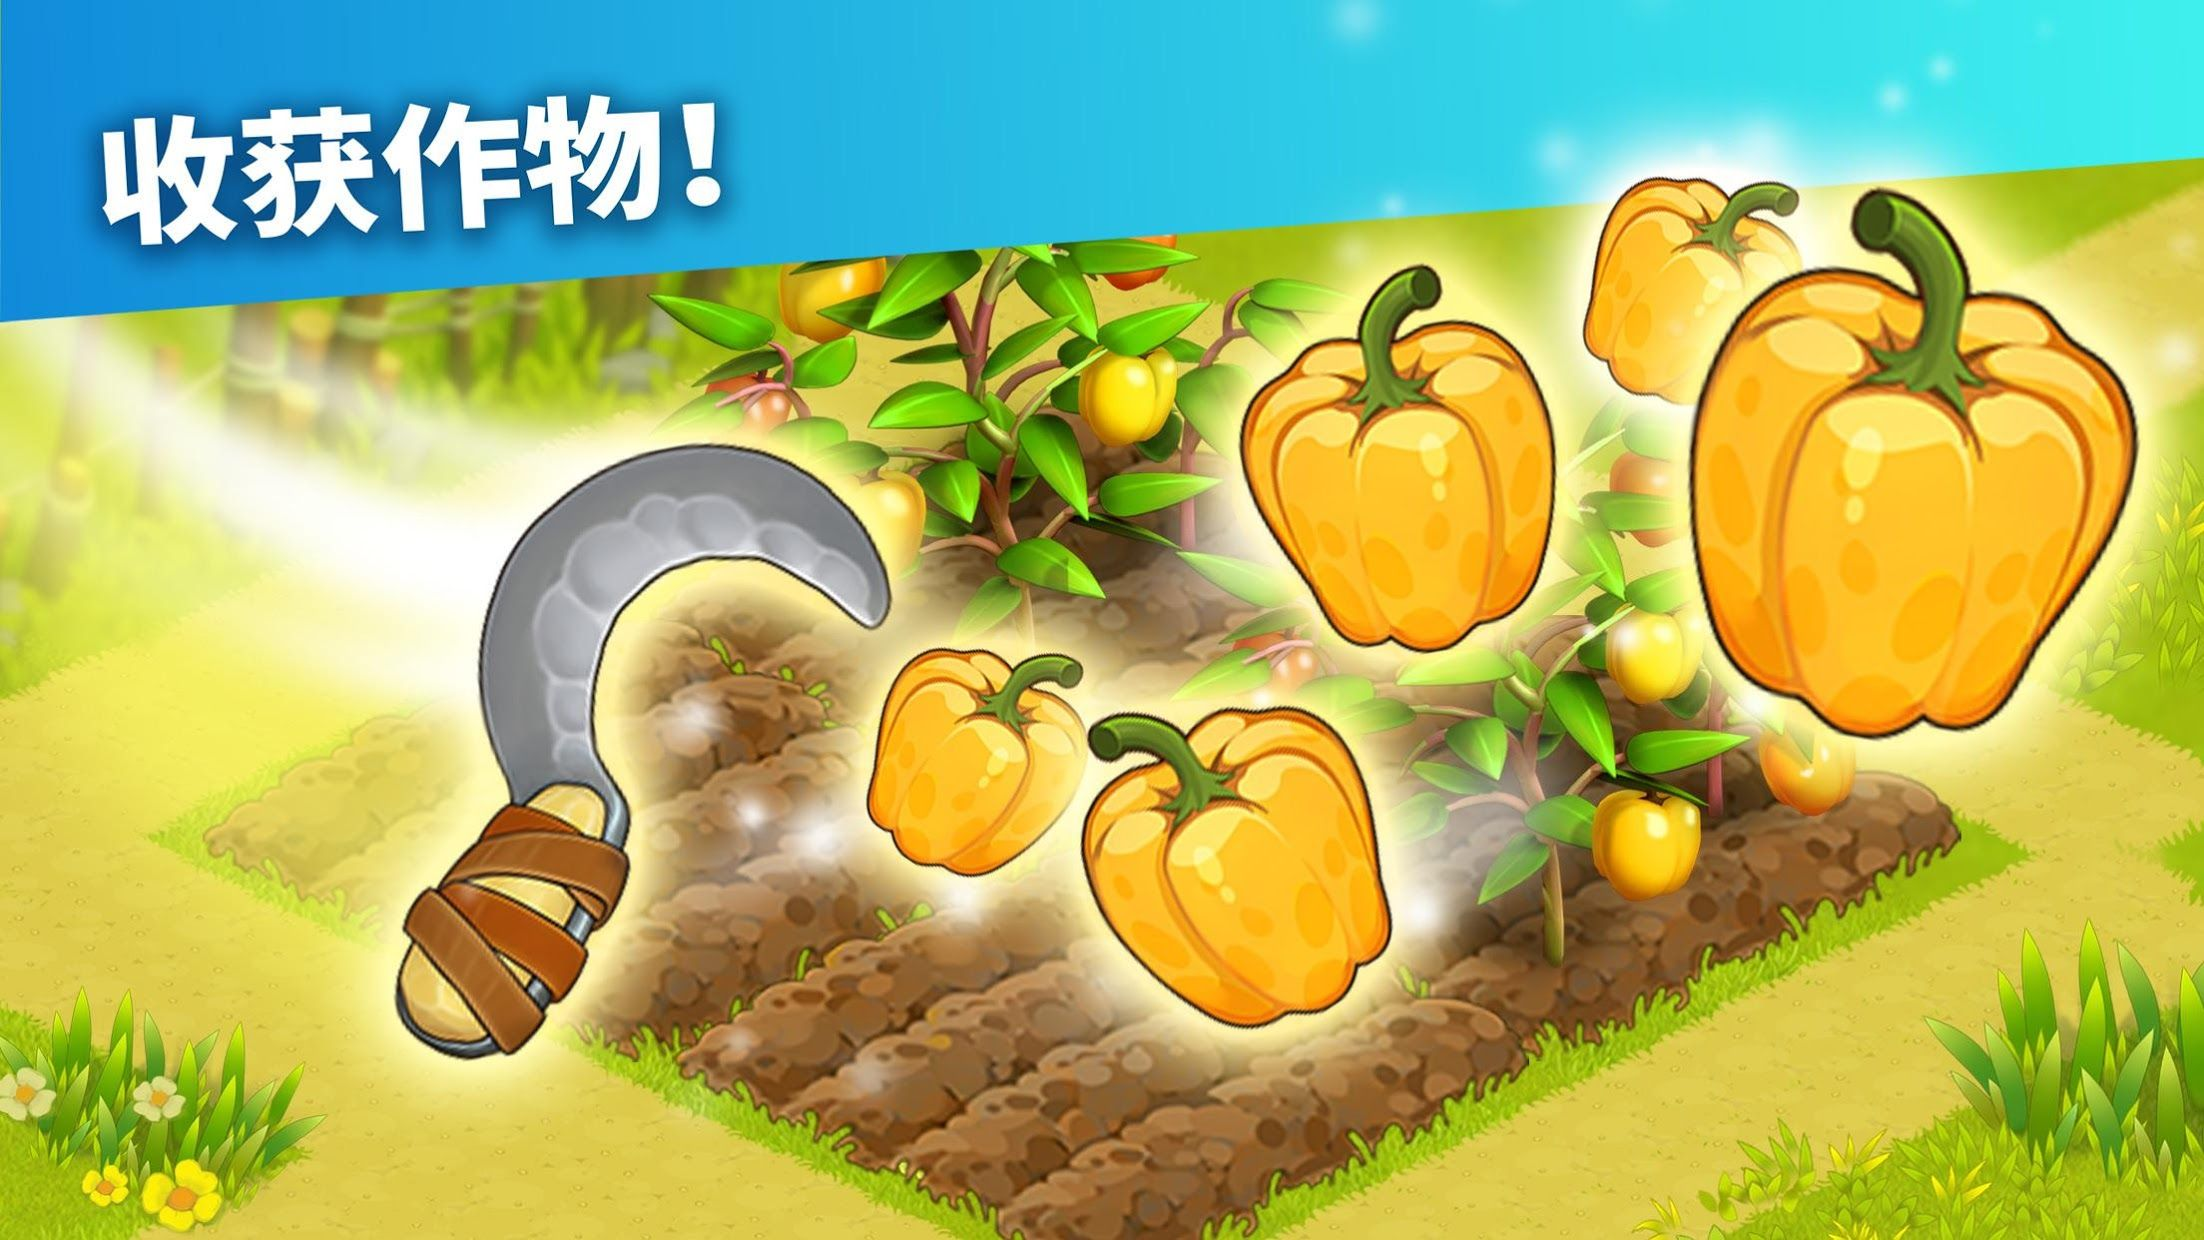 家庭岛 - 农场游戏 游戏截图4